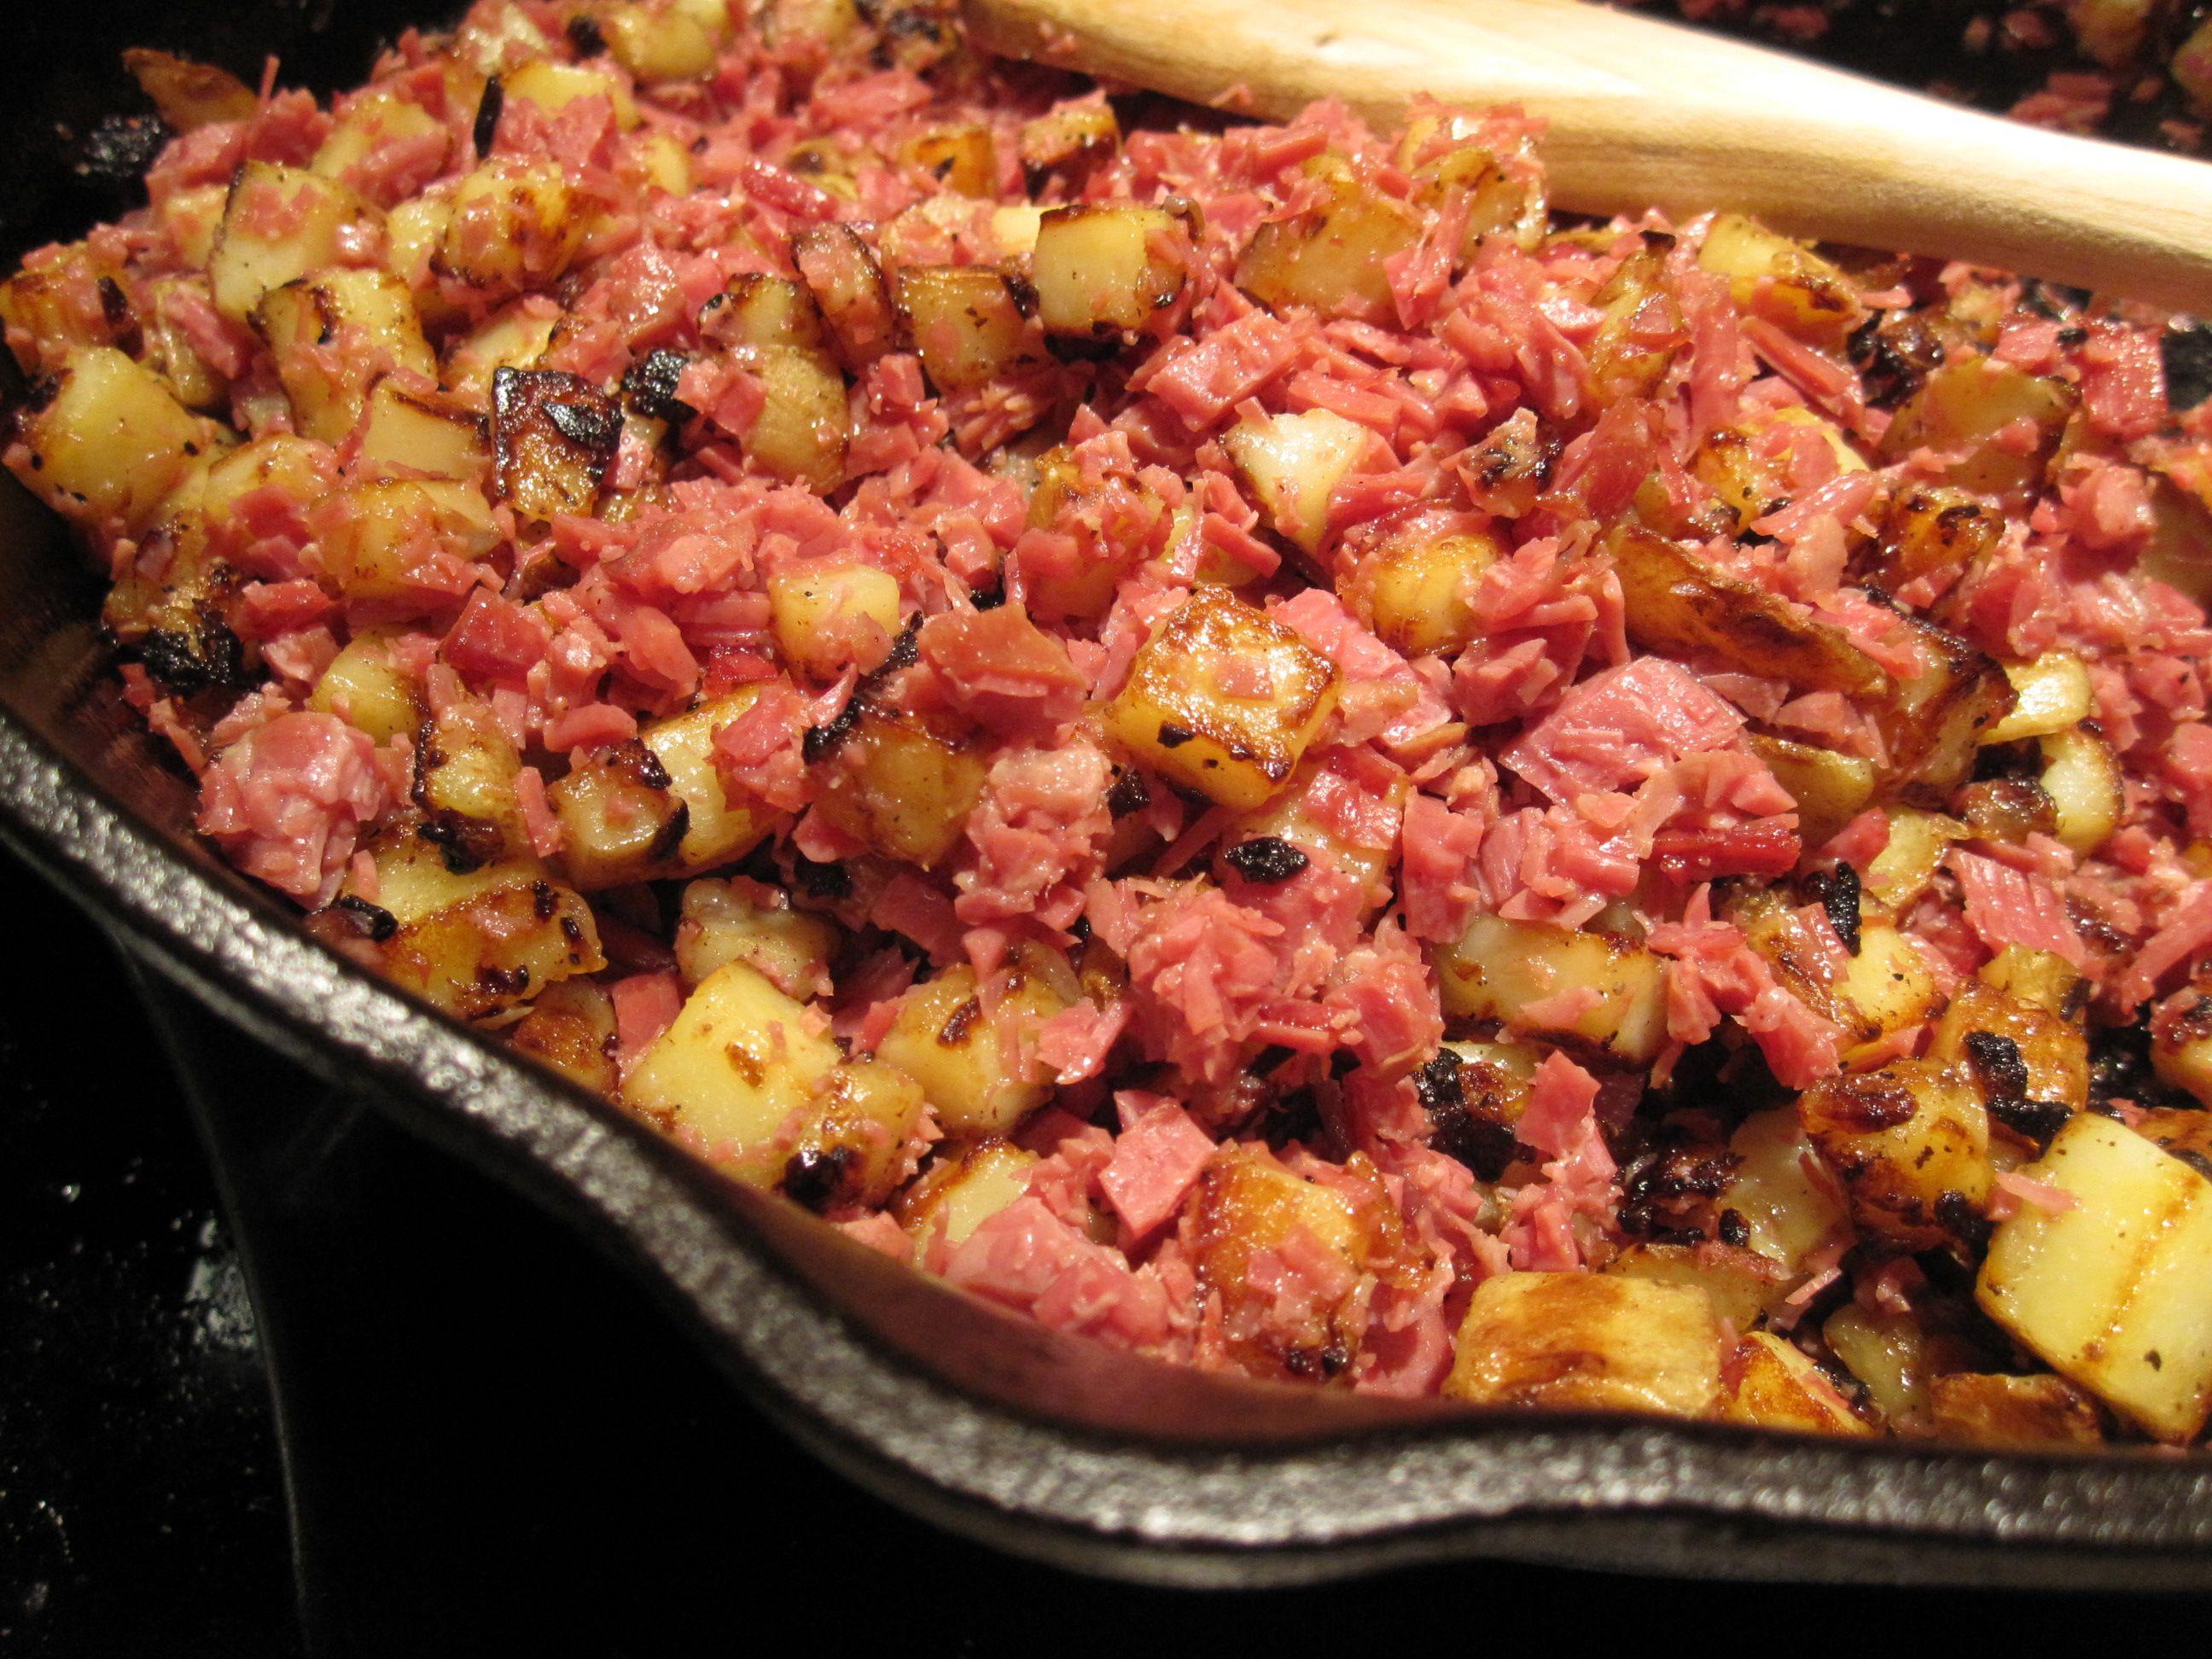 Corned Beef Hash Http Cornedbeefhash Healthandfitnessjournals Com Corned Beef Hash Recipe Corned Beef Recipes Homemade Corned Beef